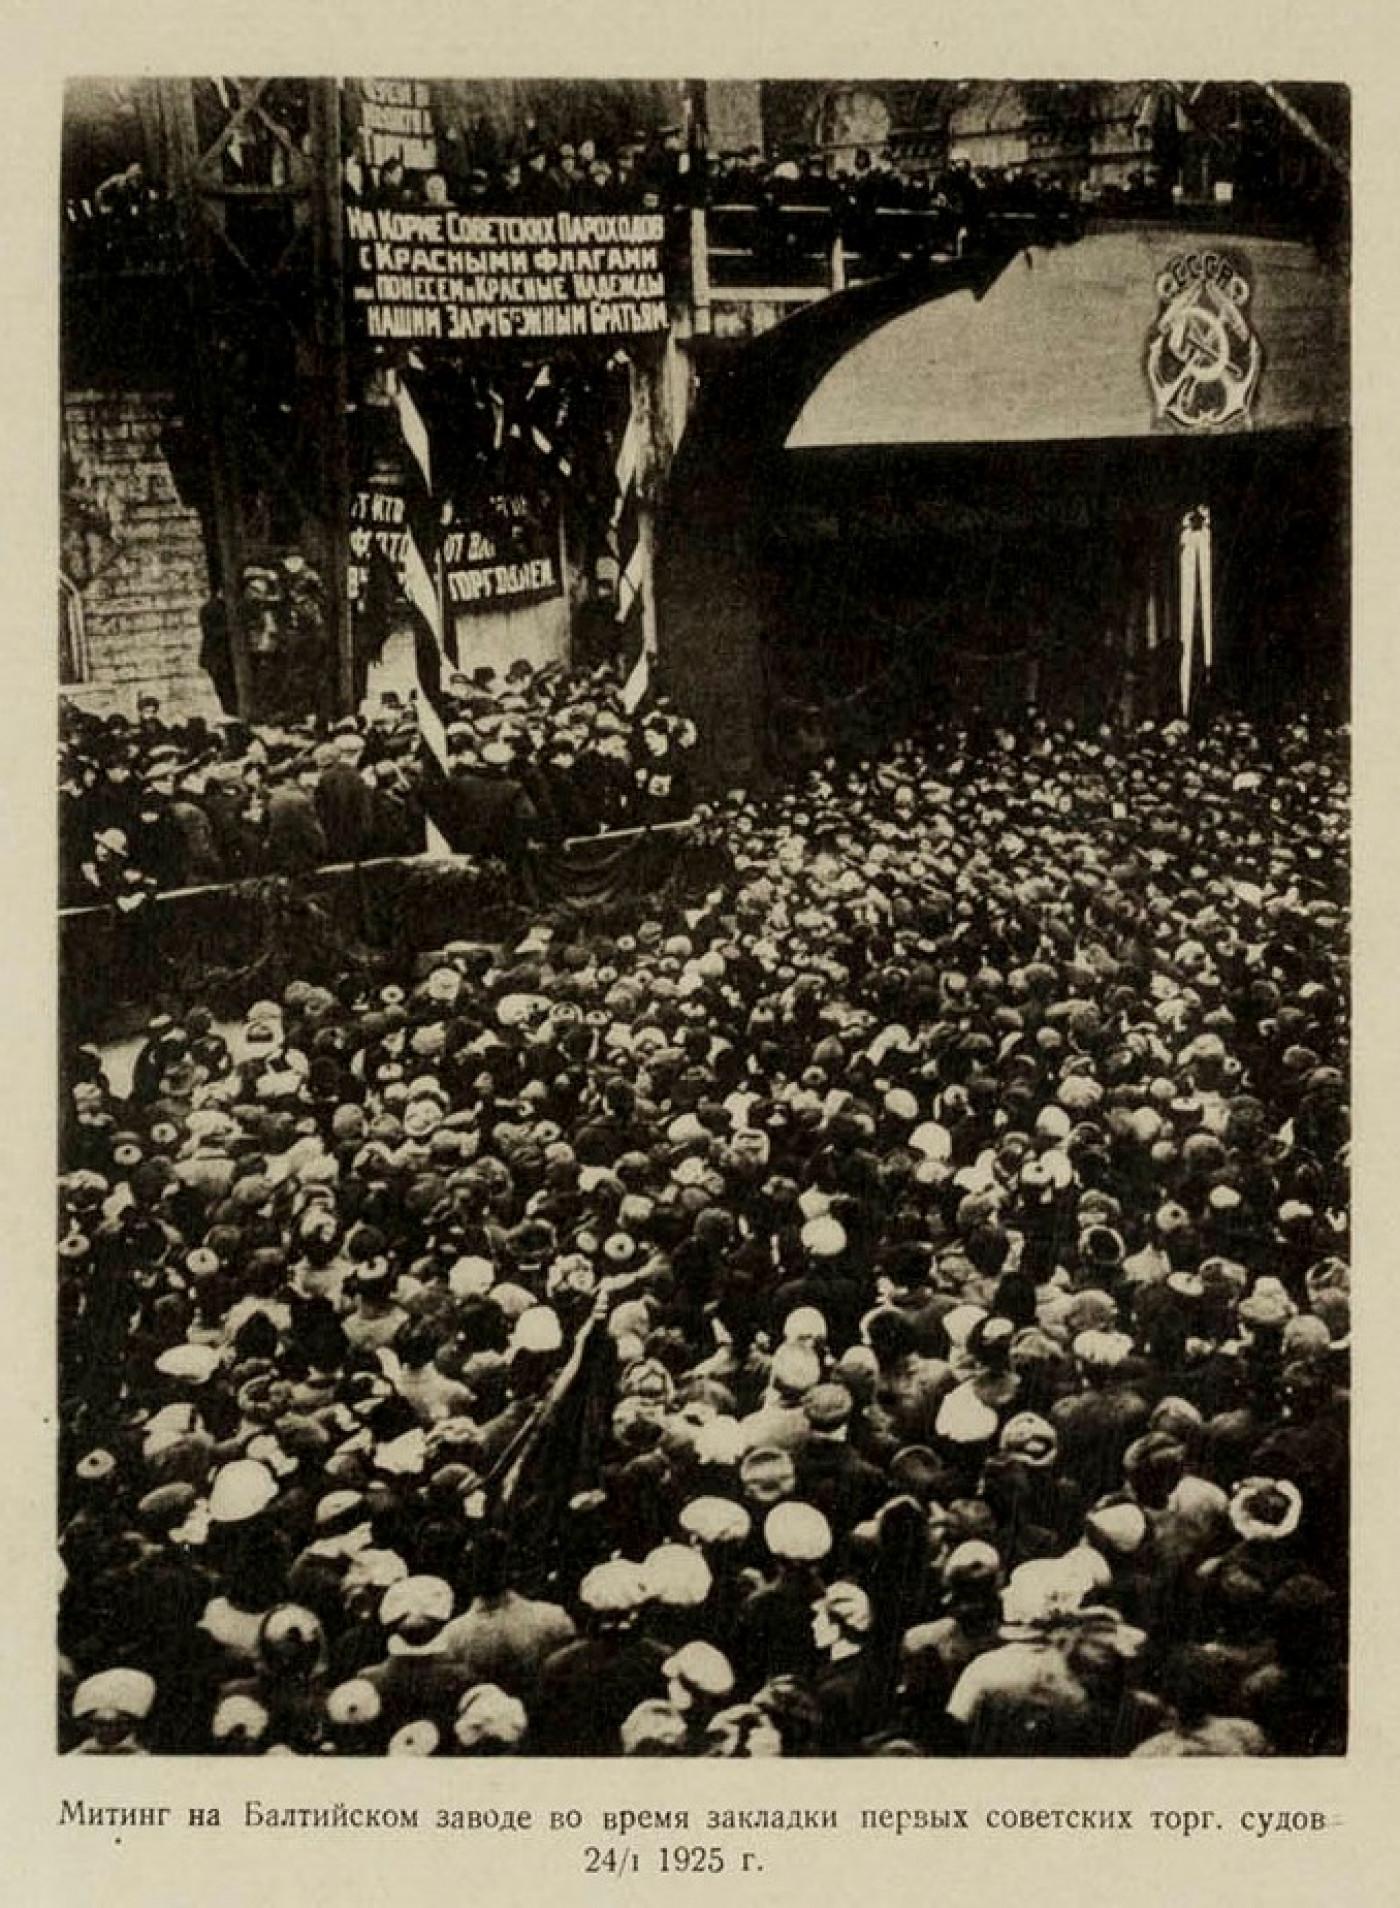 Rally image